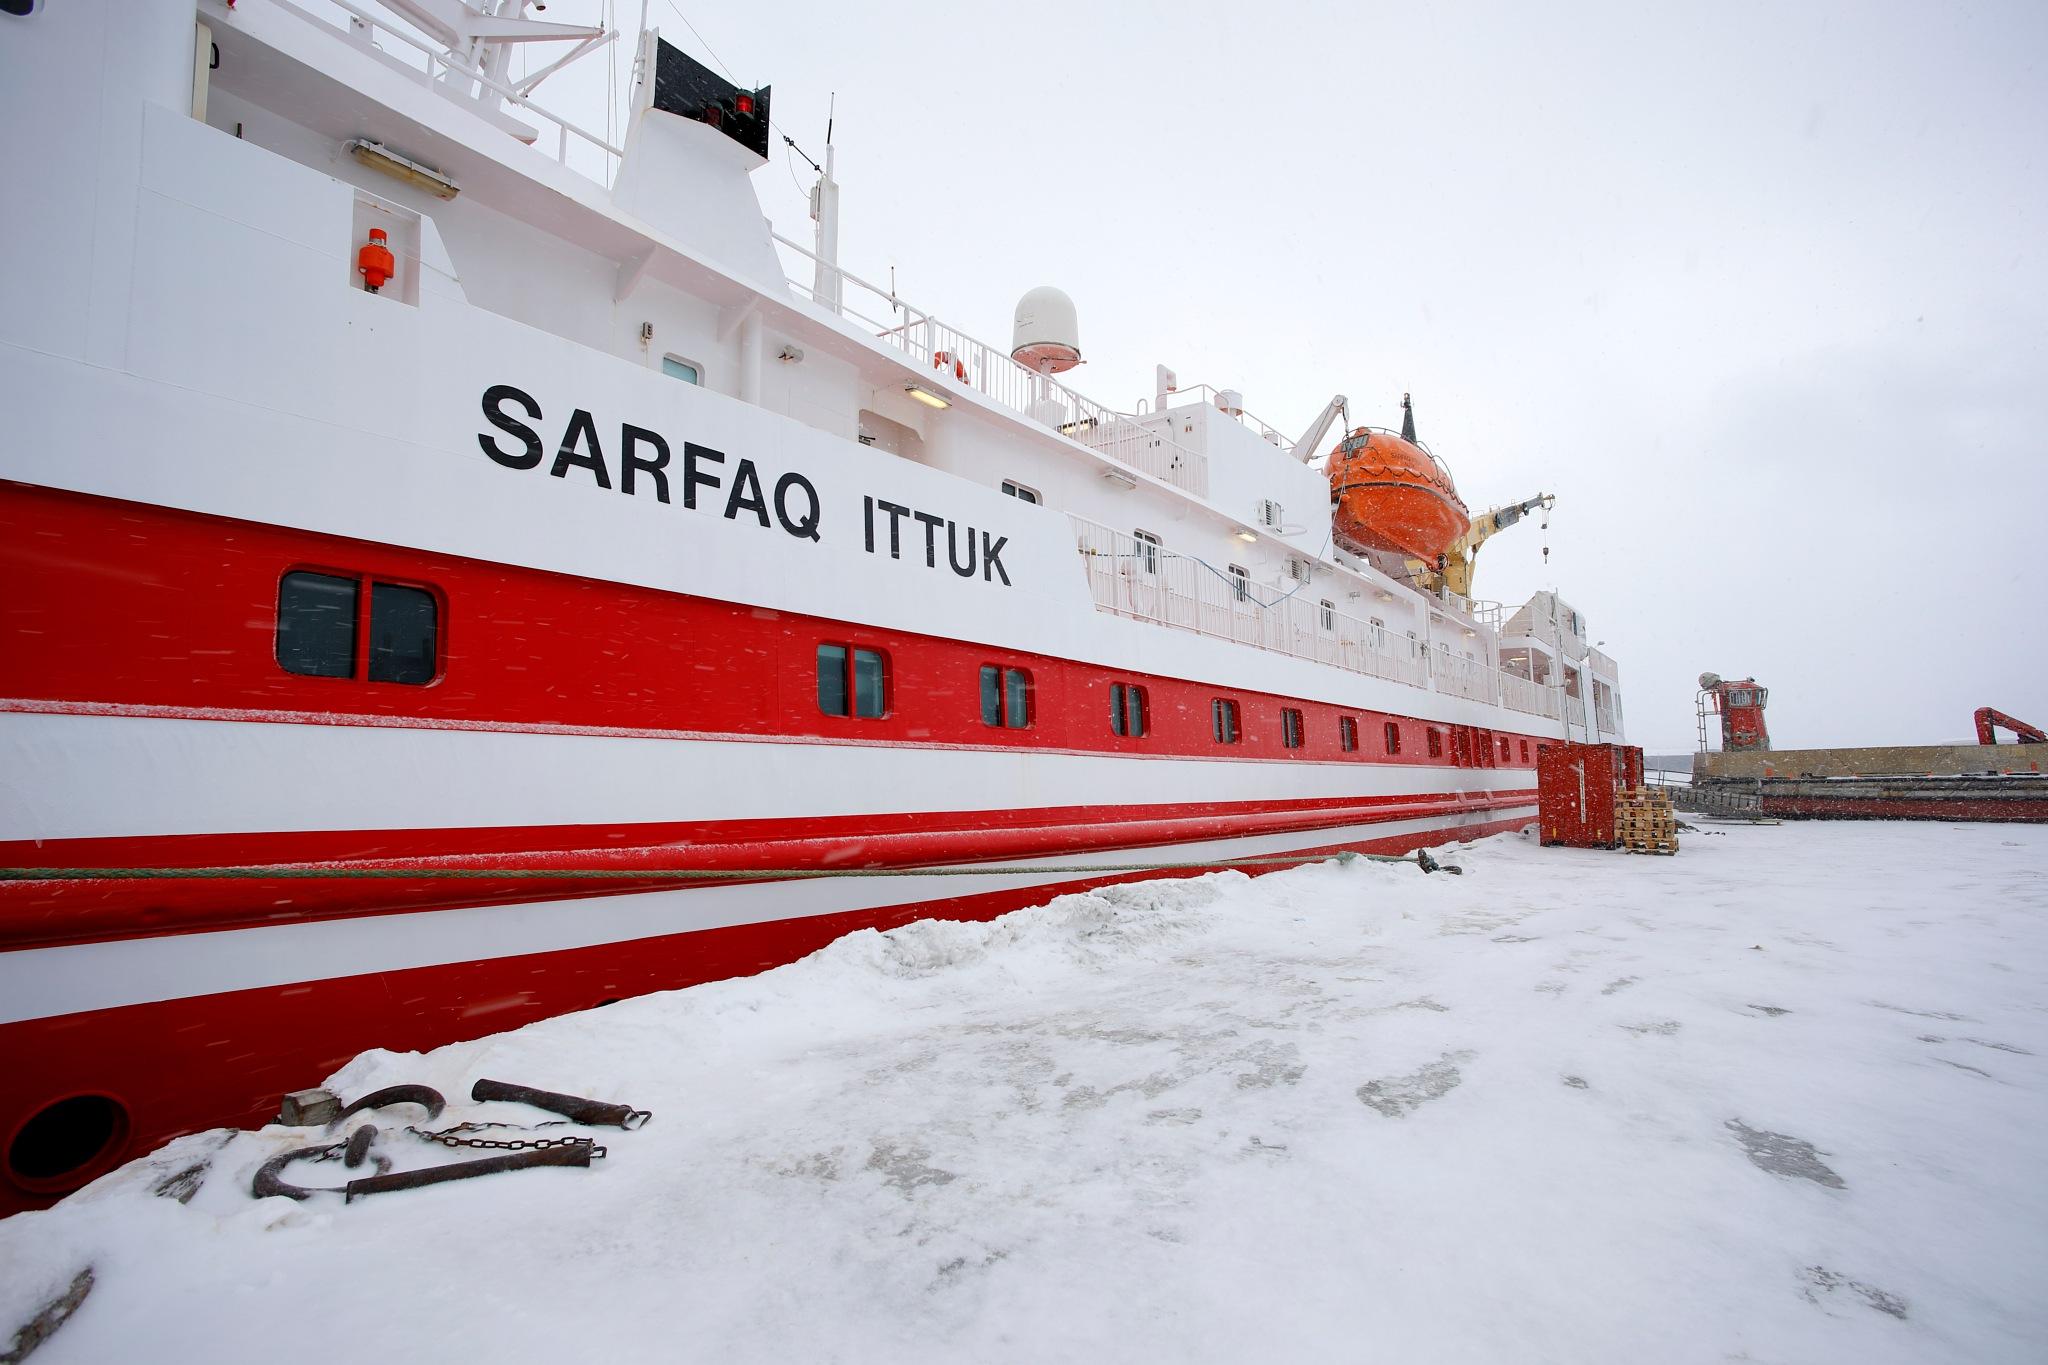 grønlands eneste rigtige passerfartøj sarfaq by Tom Augo Lynge